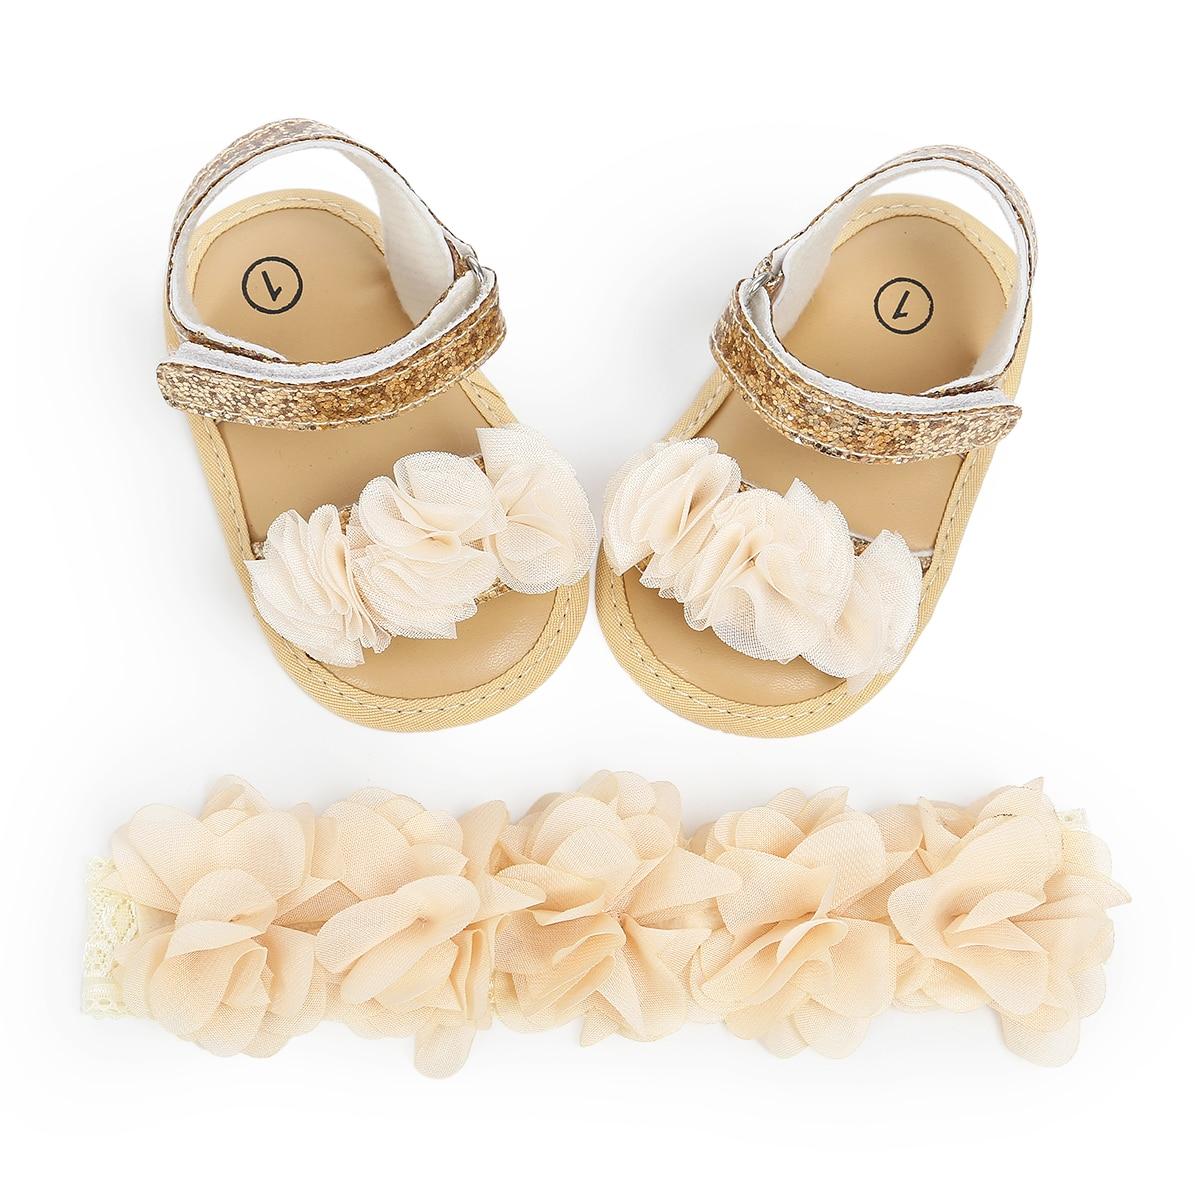 Princess Cute Newborn Baby Girls Flower Sandals Summer Casual Soft Crib Shoes+Headbands 2pcs First Prewalker Beach Sandals